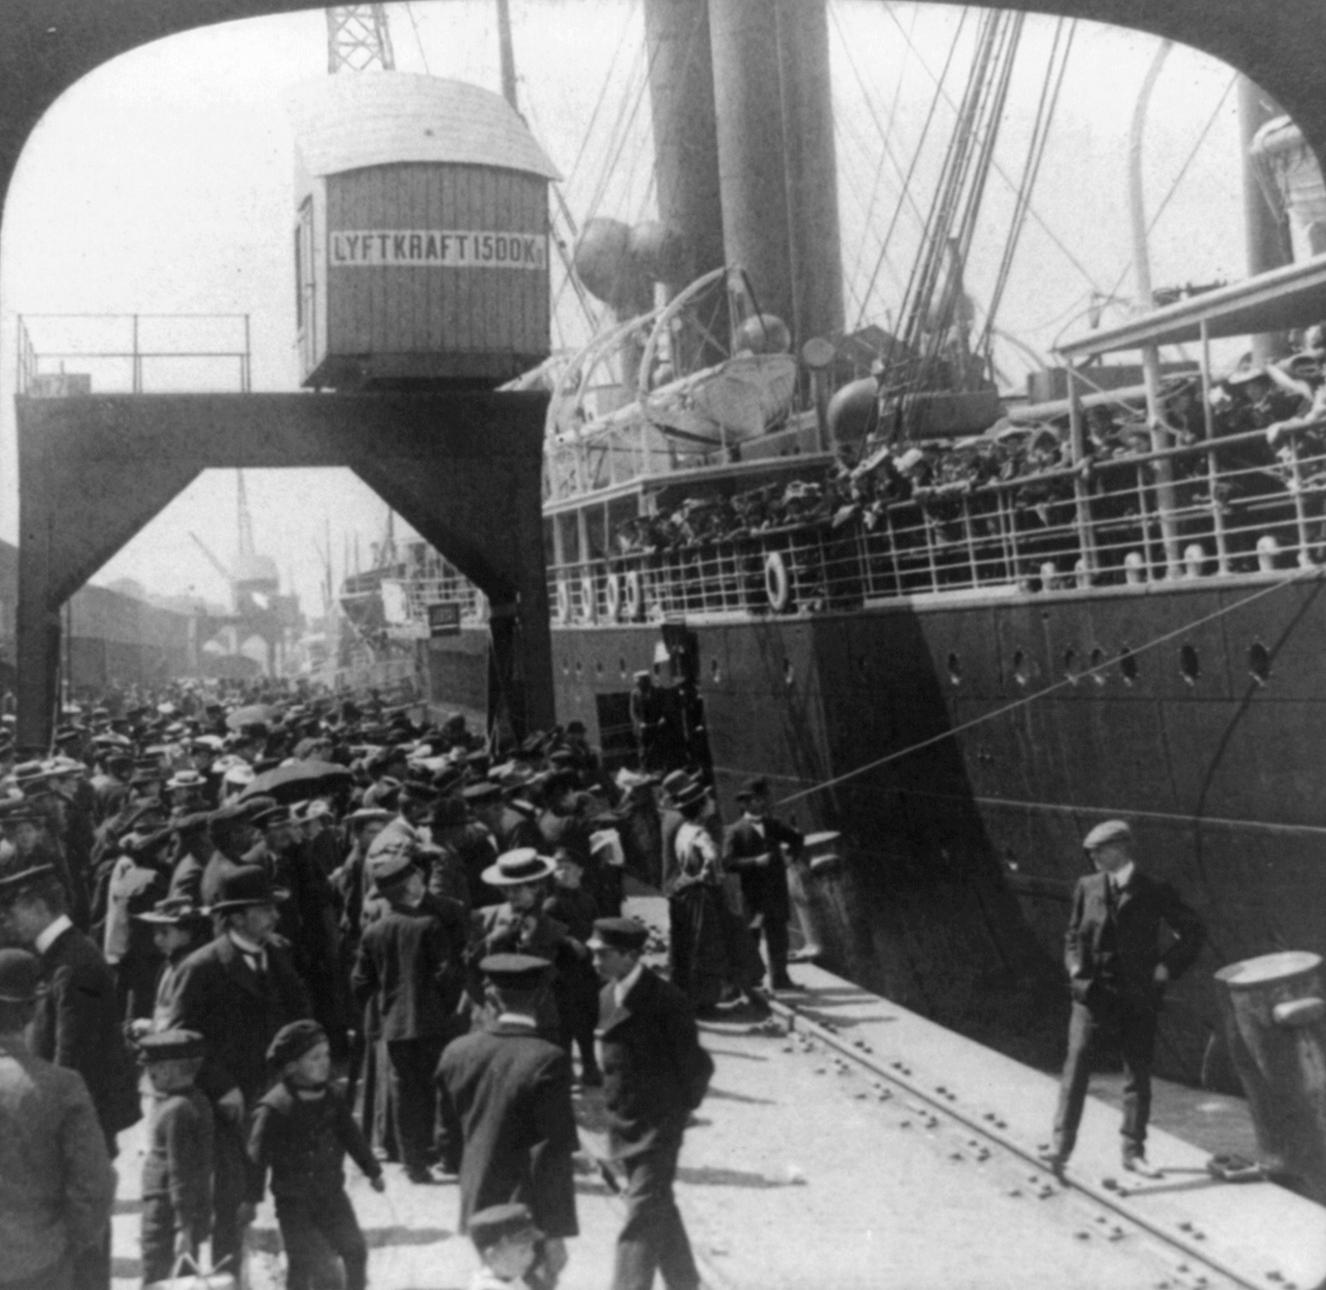 Utvandrare lämnar Göteborg för att emigrera till USA, 1905